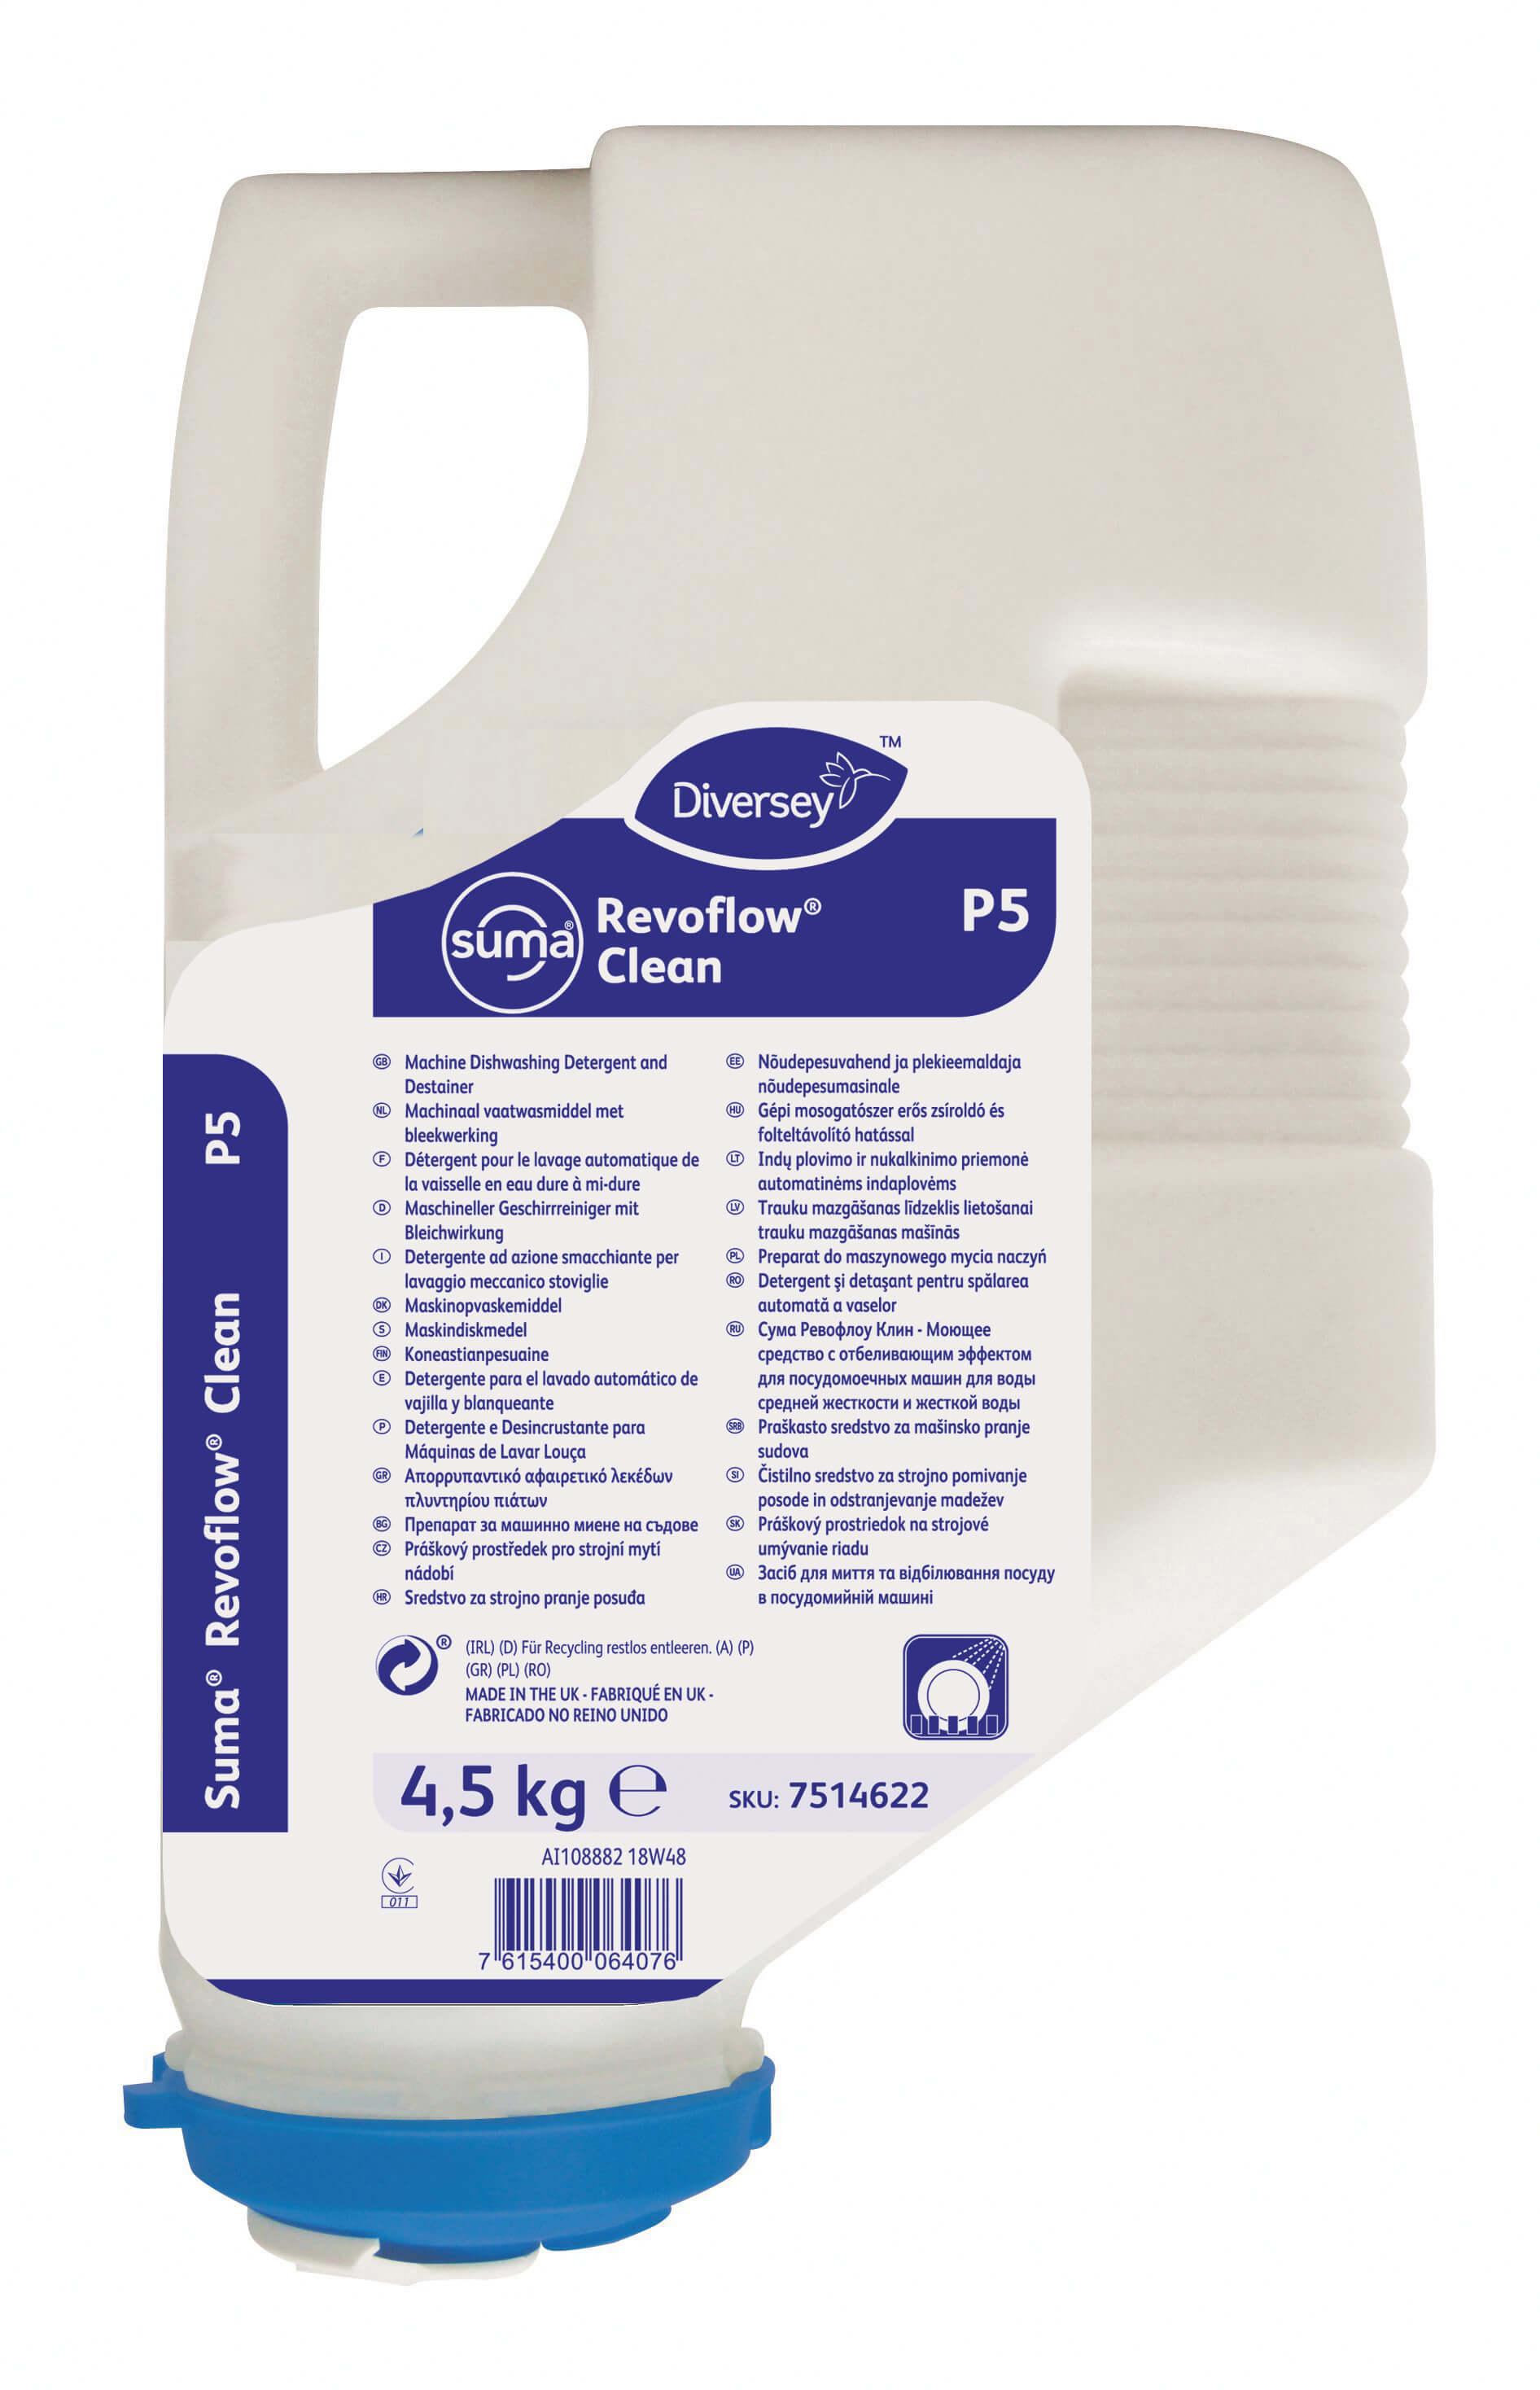 Suma Revoflow Clean P5